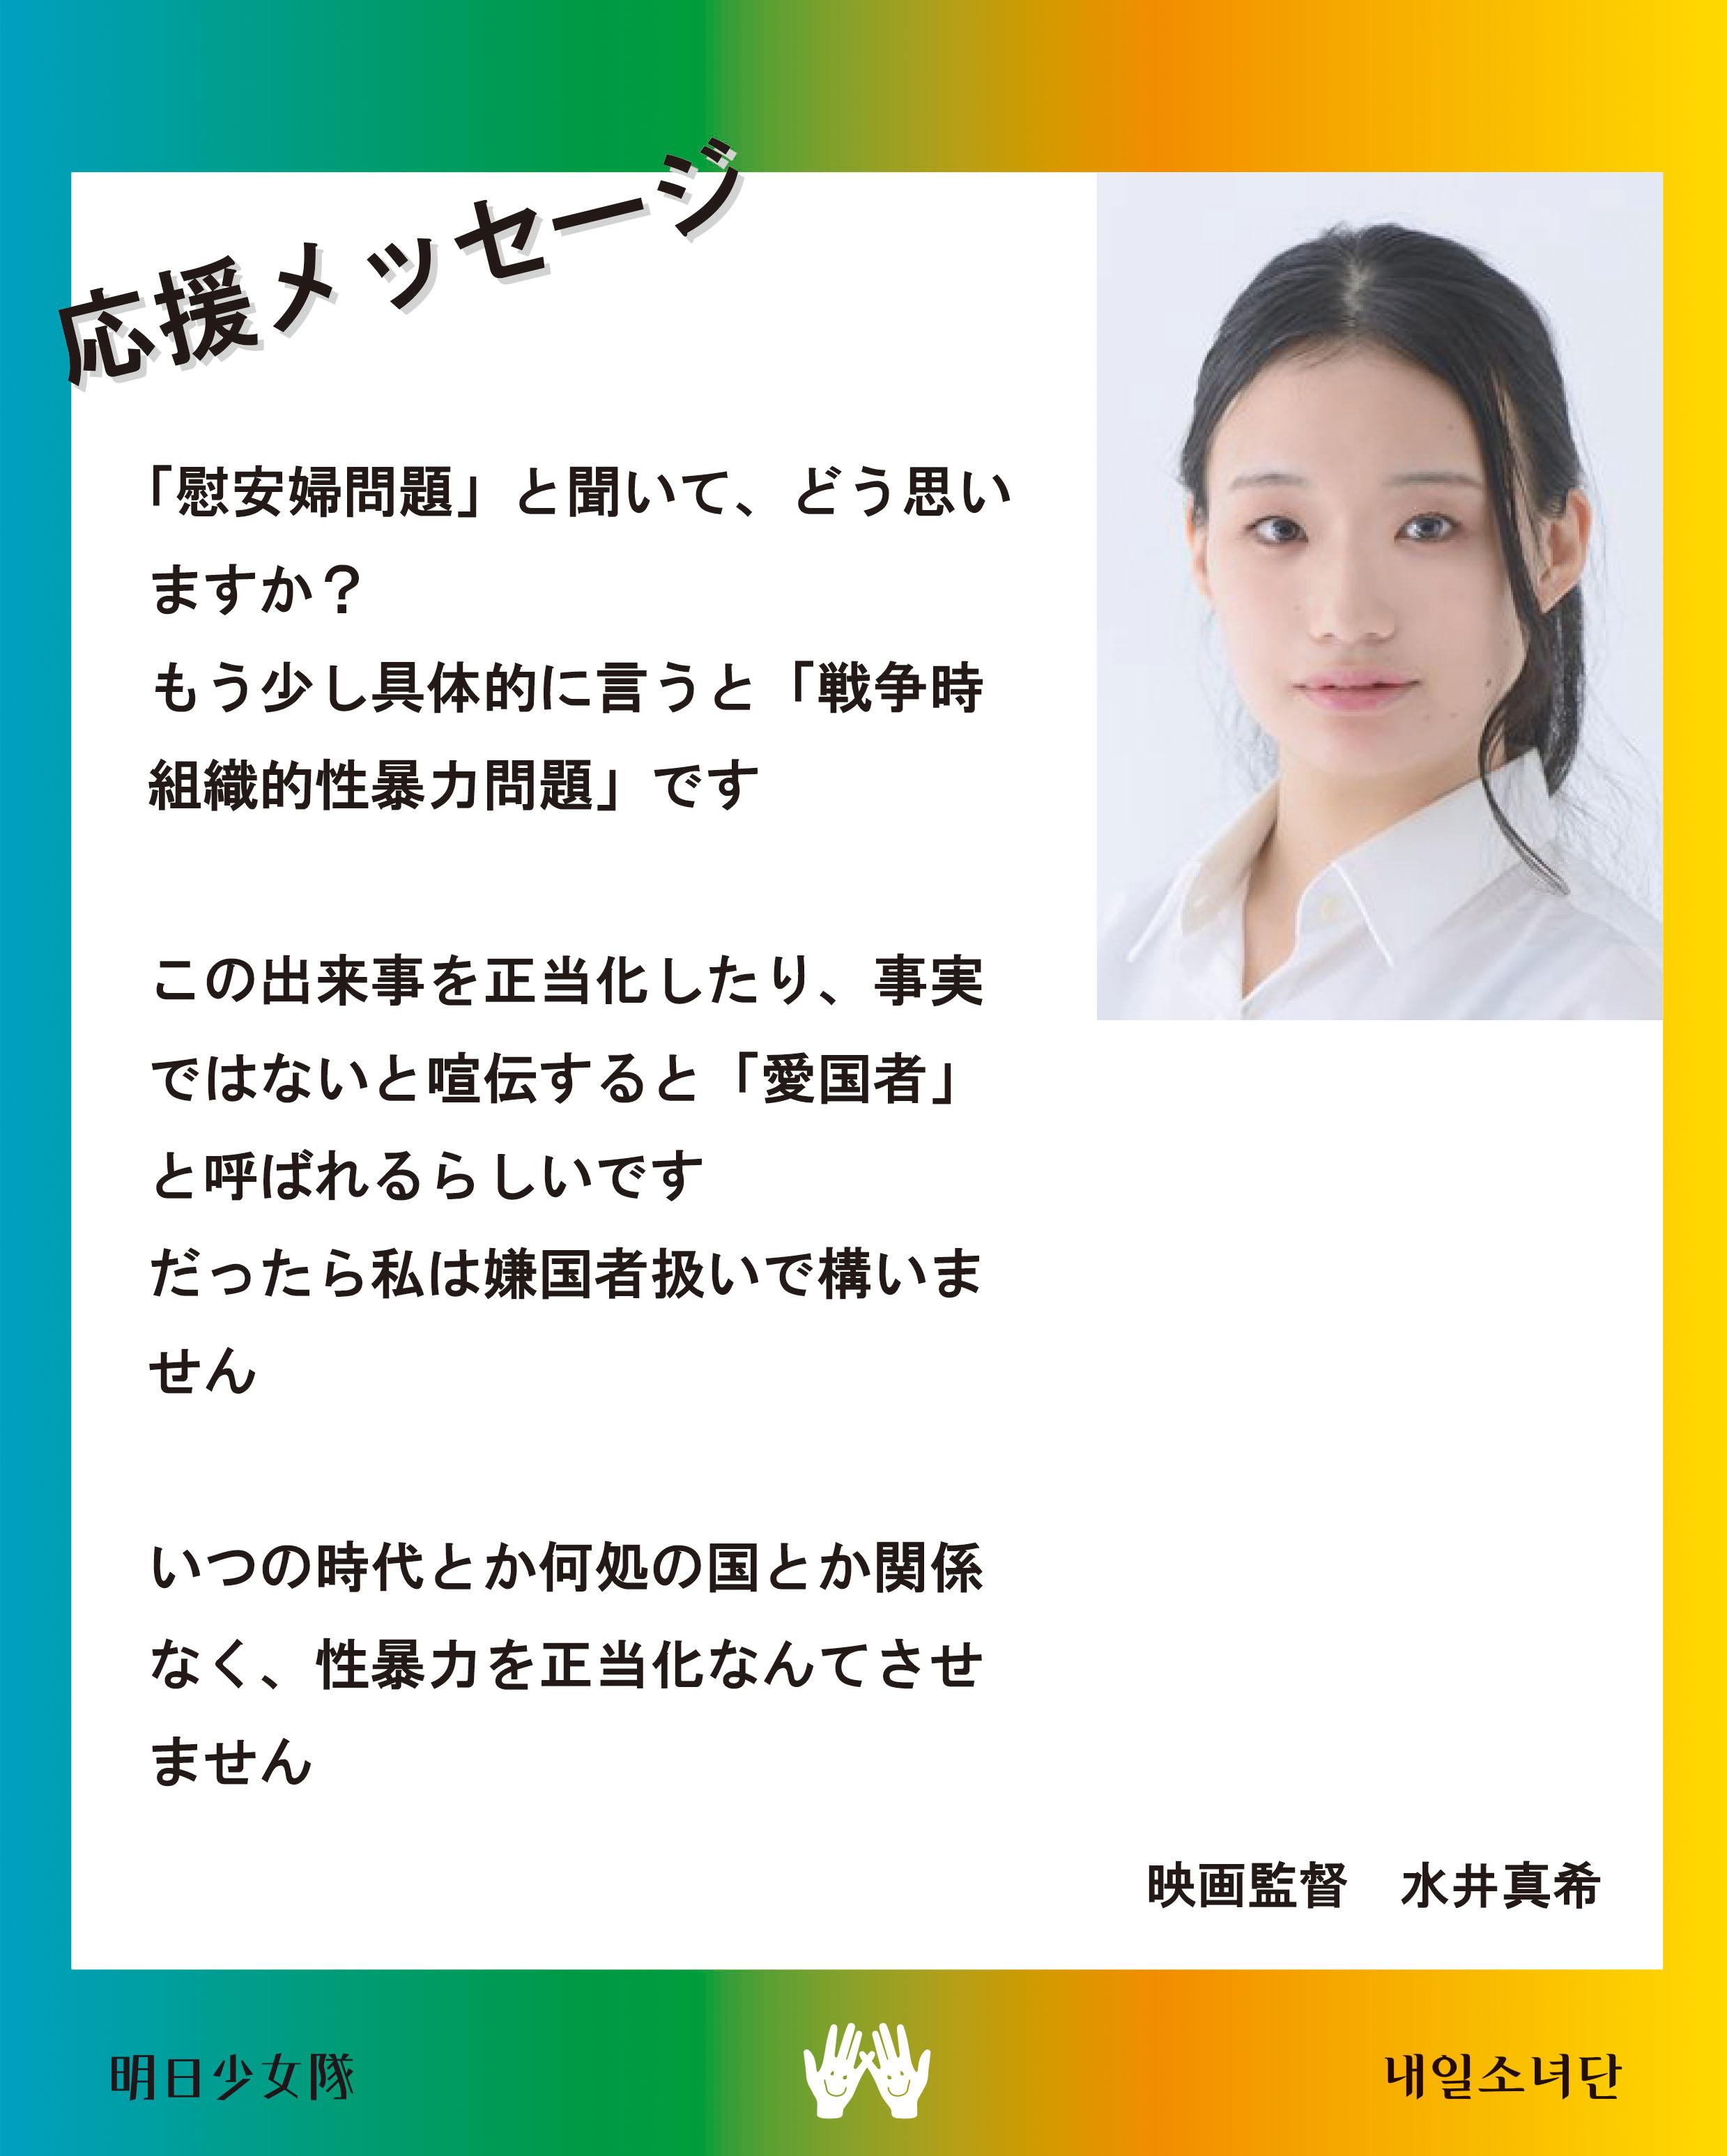 応援メッセージ 水井真希様.jpg